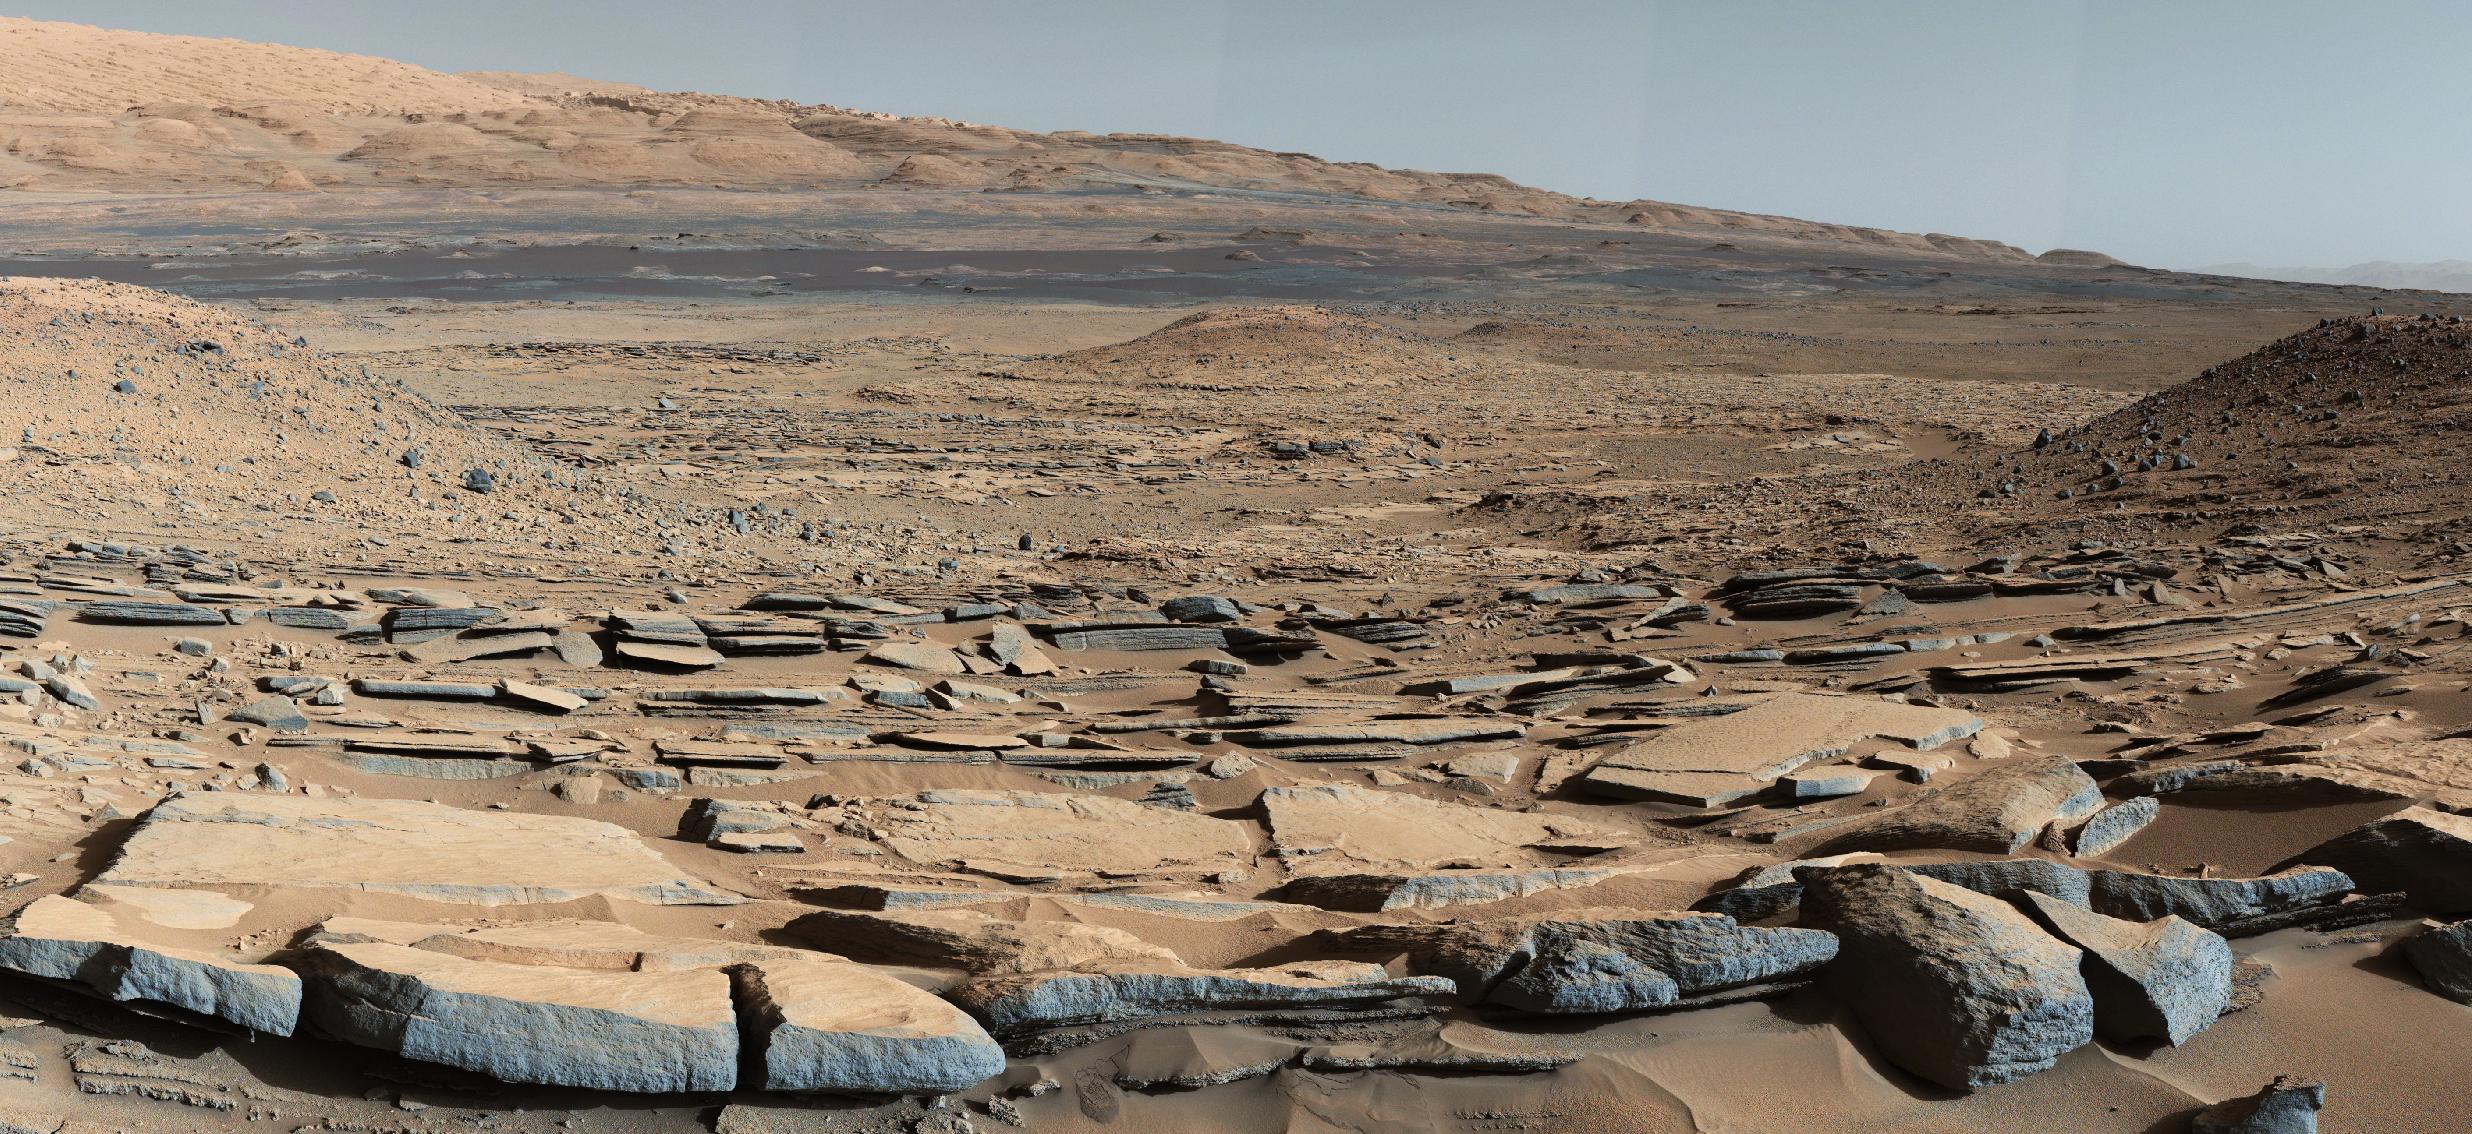 Risultato immagine per rover curiosity